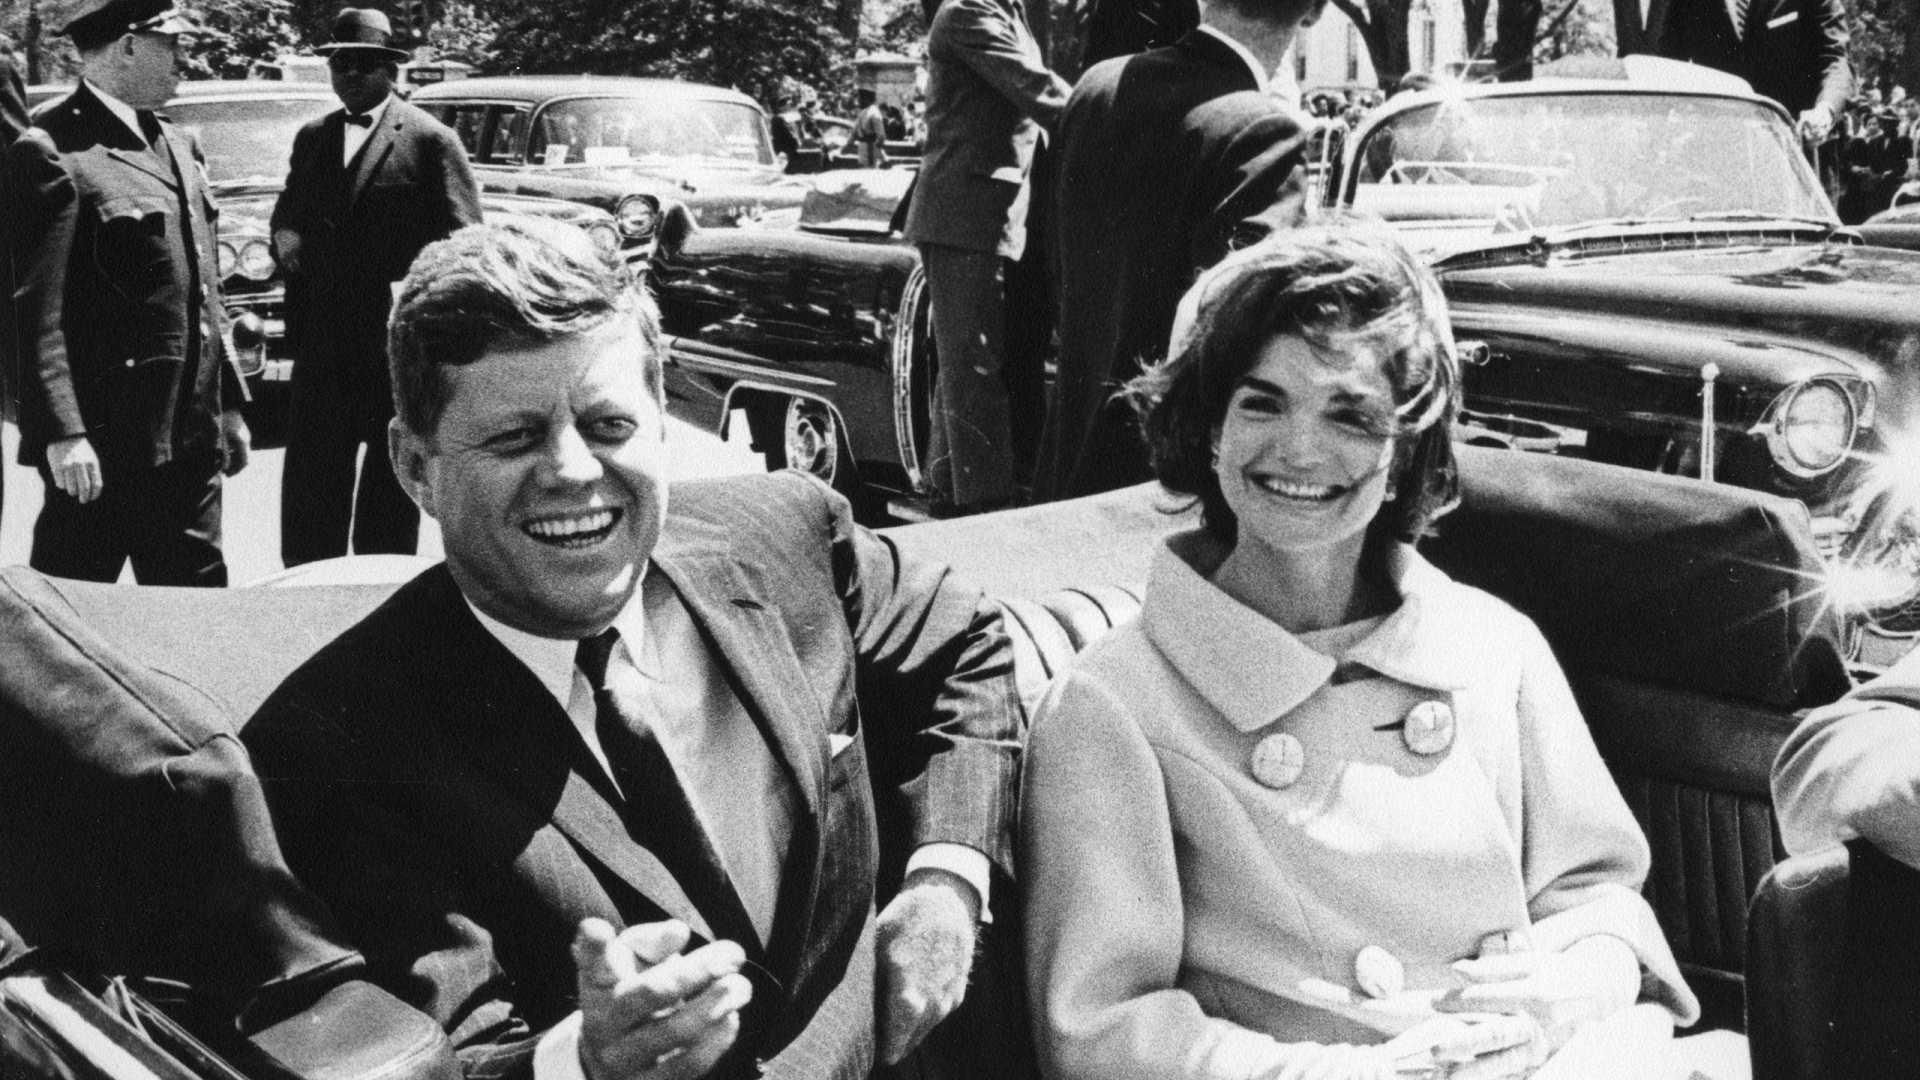 divulgados na íntegra 69 mil documentos sobre assassínio de kennedy - JFK - Divulgados na íntegra 69 mil documentos sobre assassínio de Kennedy